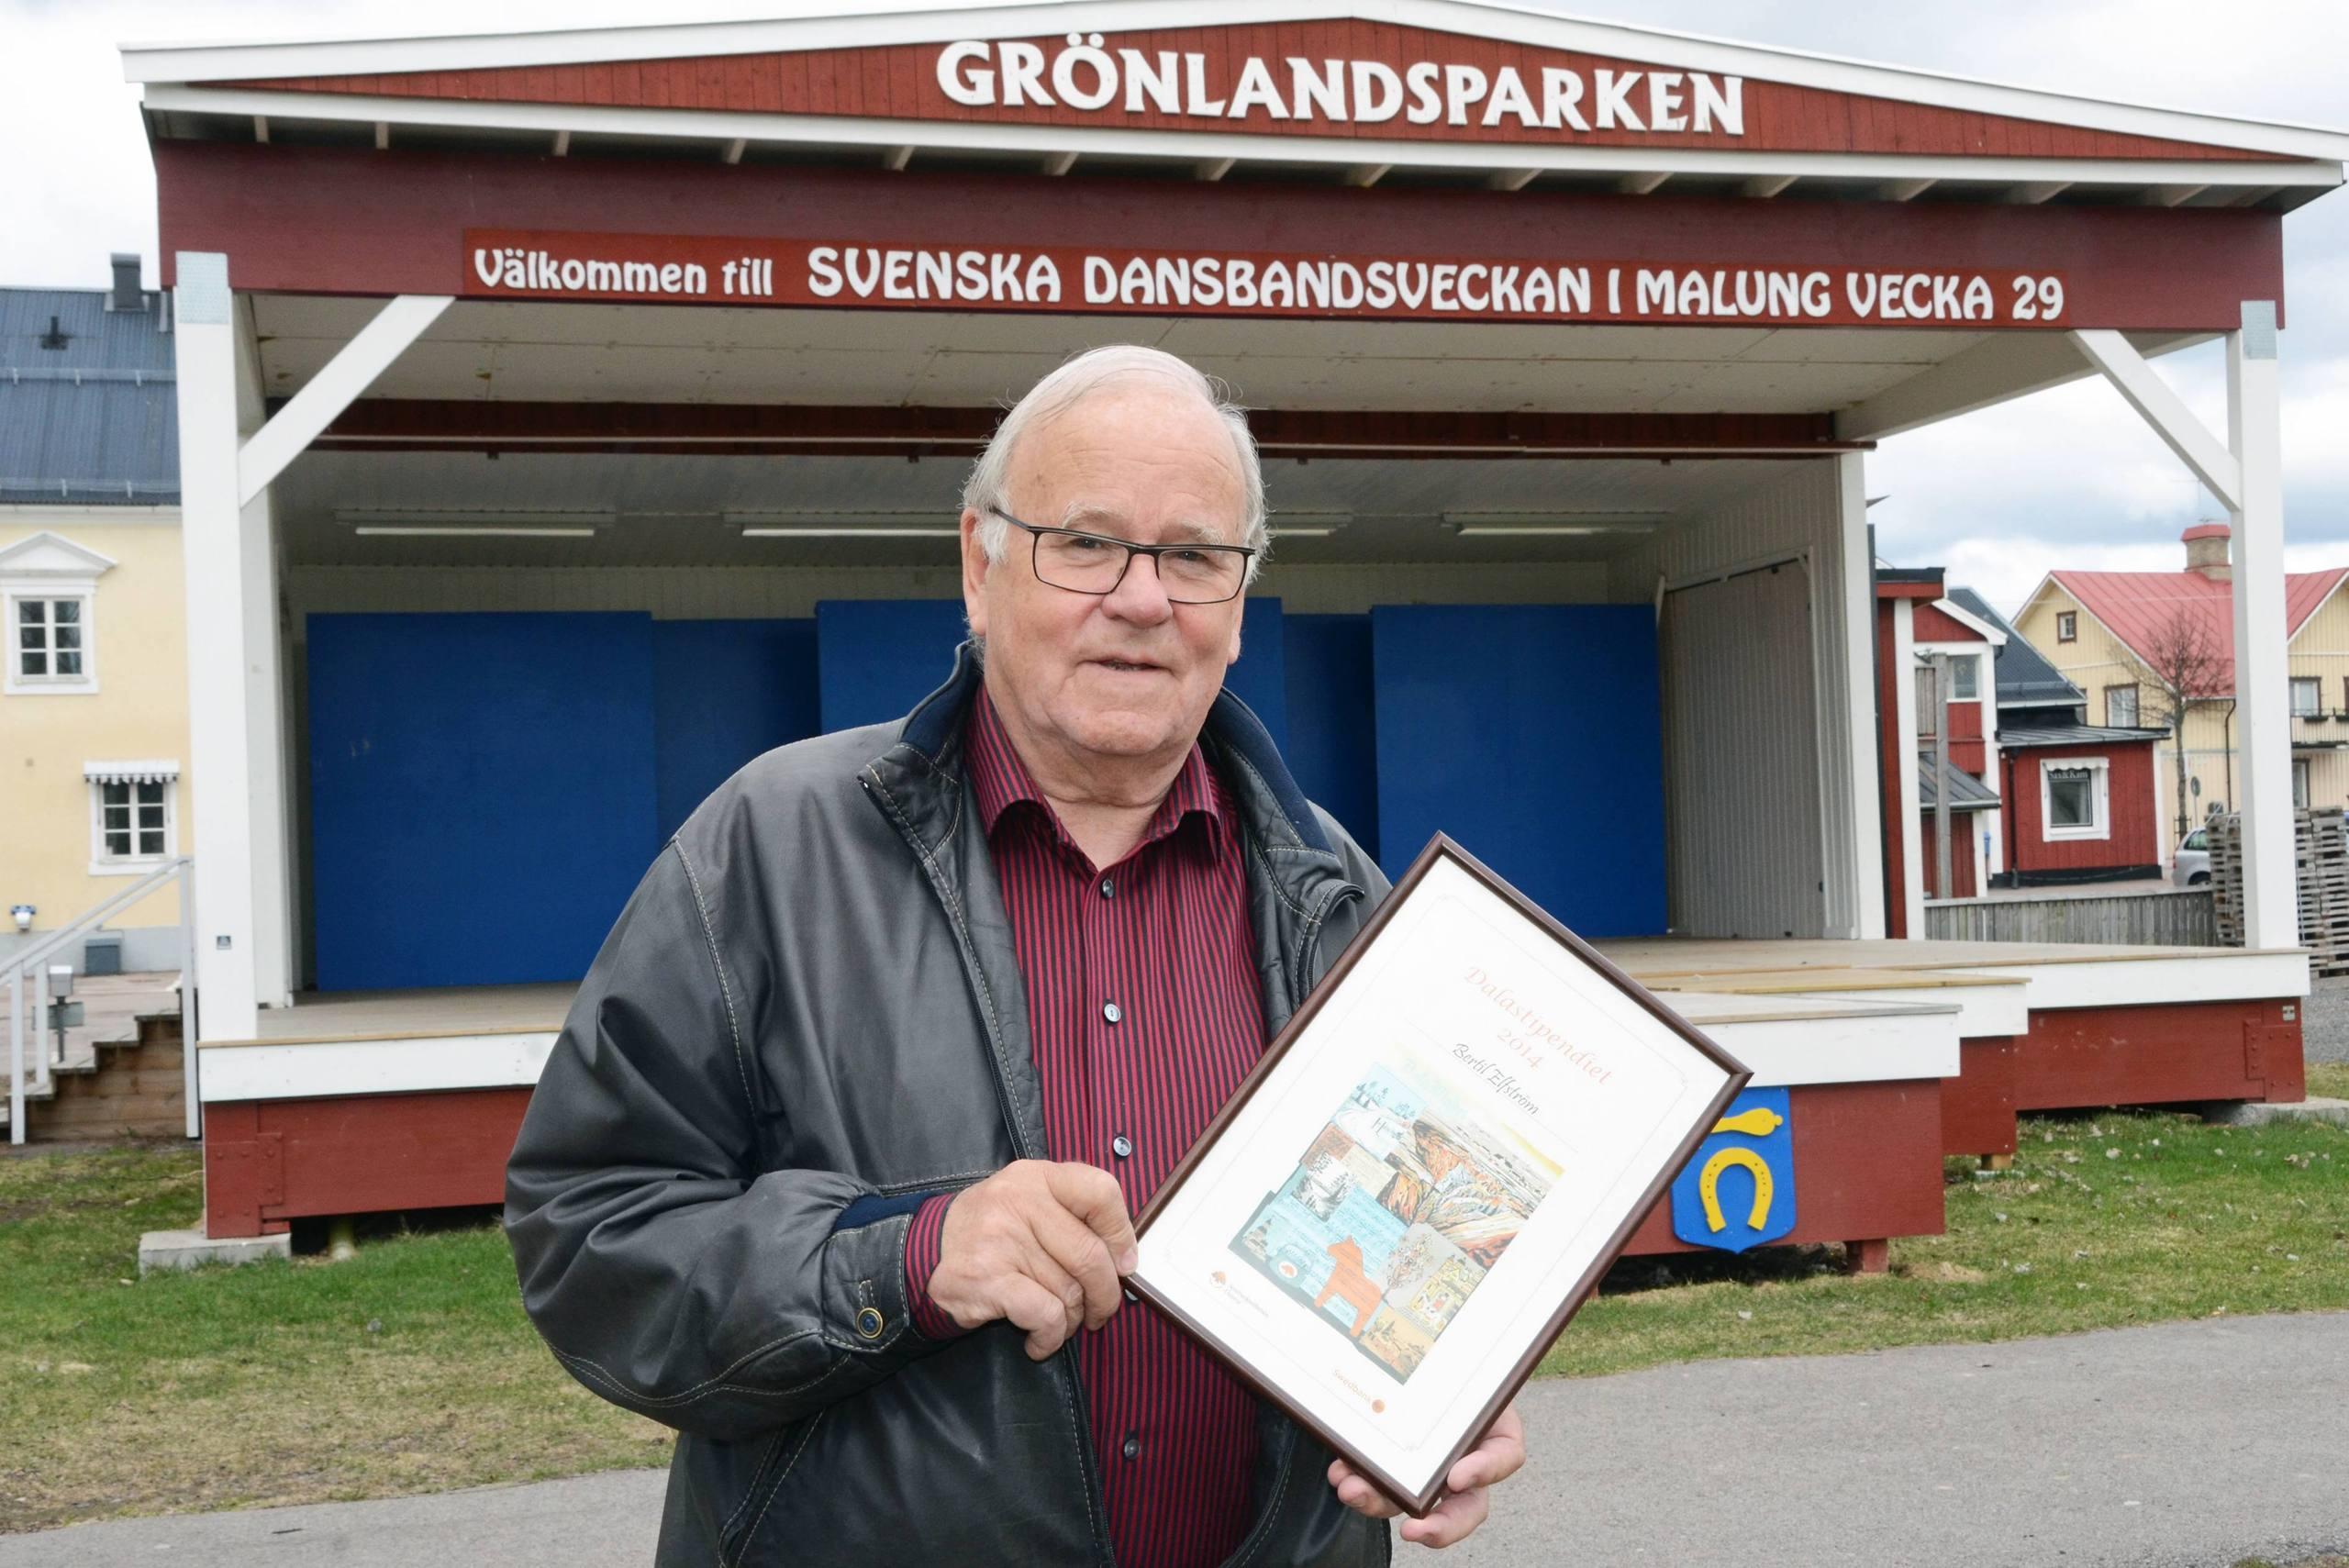 Bertil elfstrom